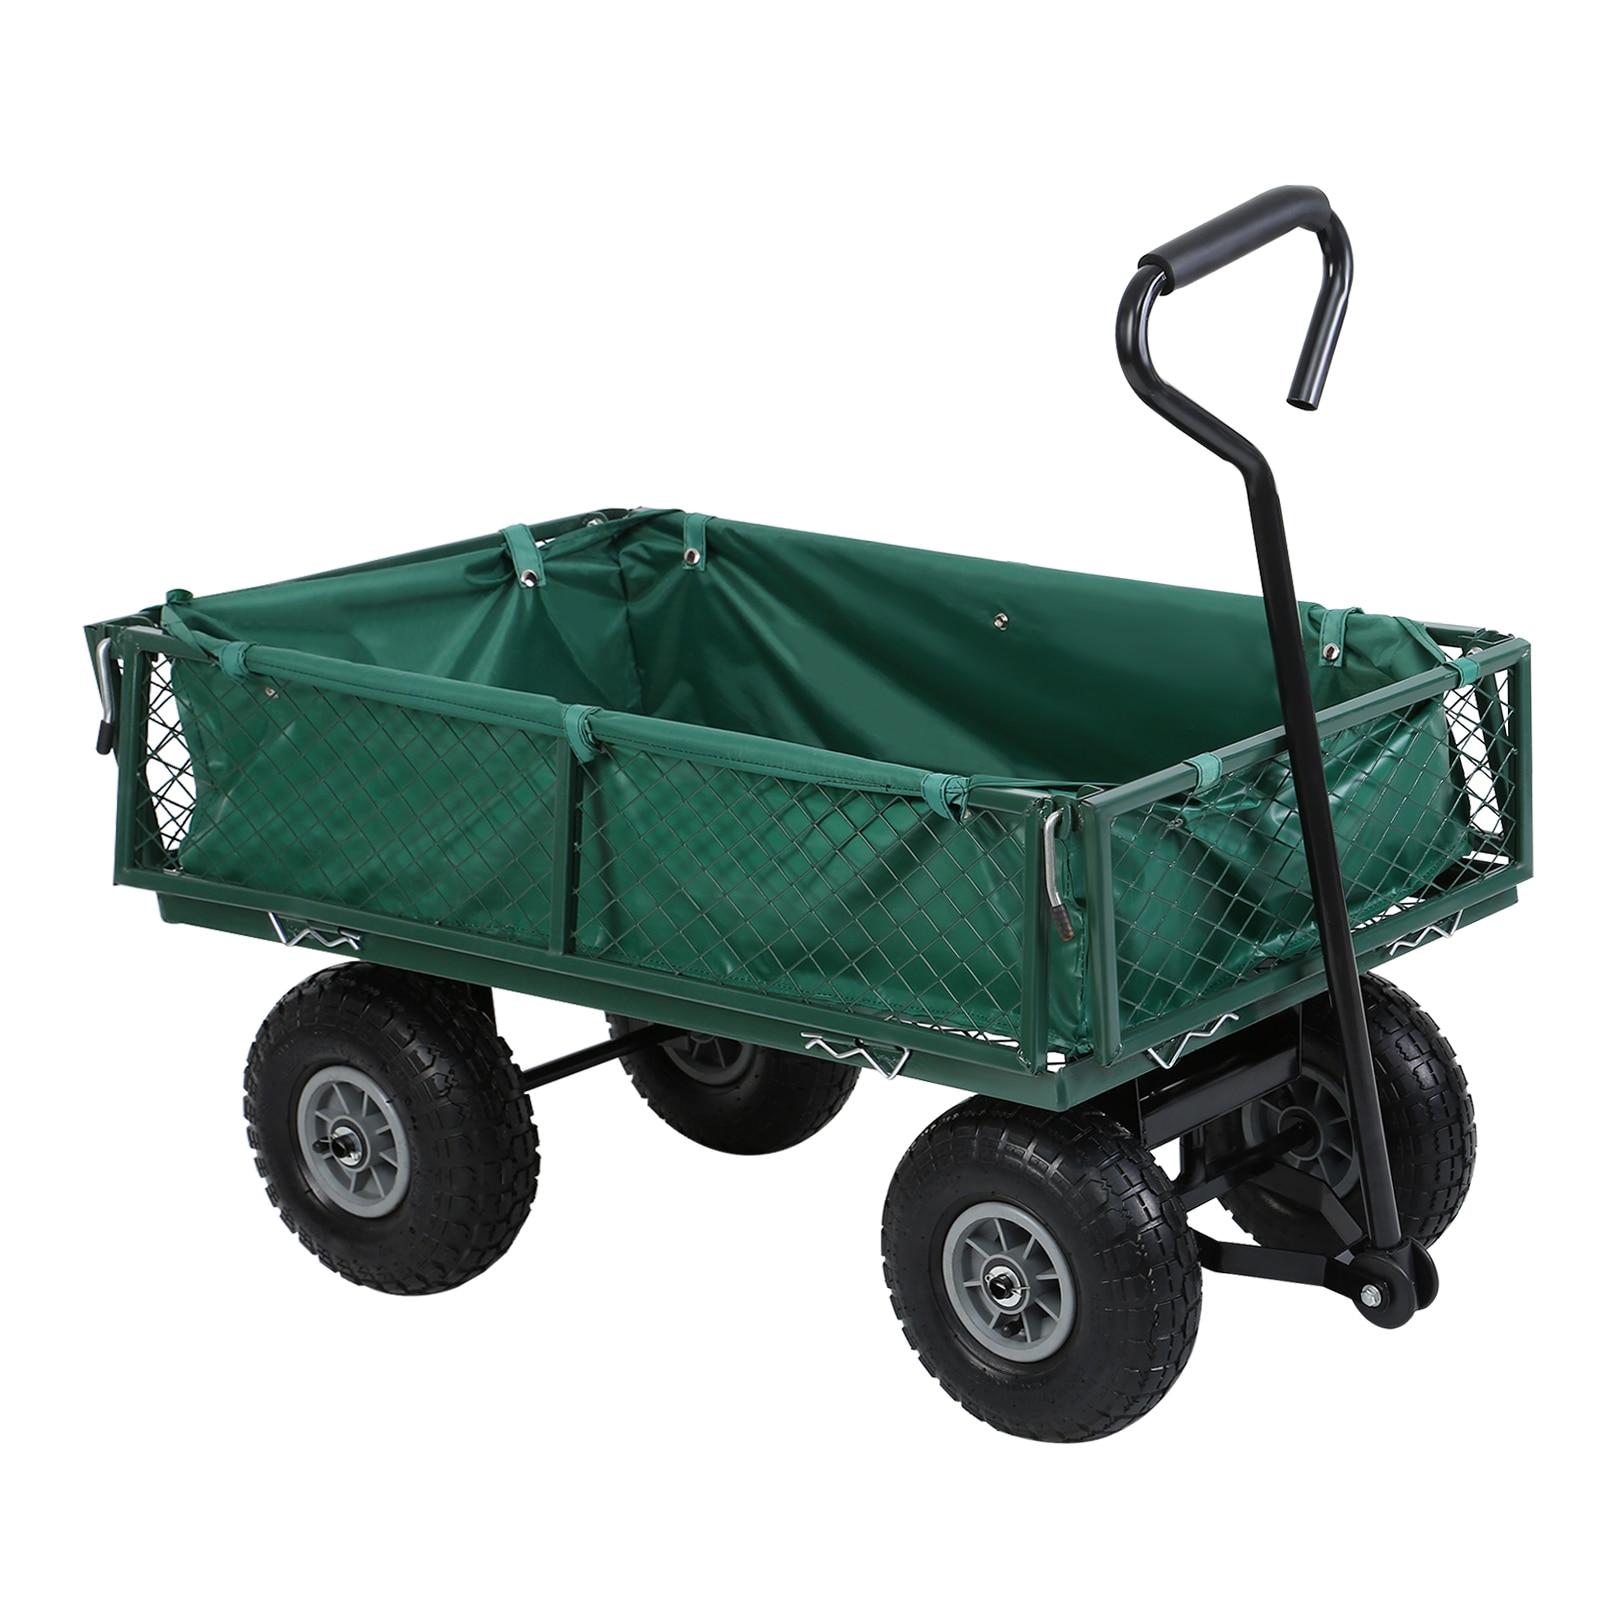 Yonntech حديقة عربة تسوق عربة عربة 4 عجلة سحب على طول عربة عربة دي بليج Panier دي عربة